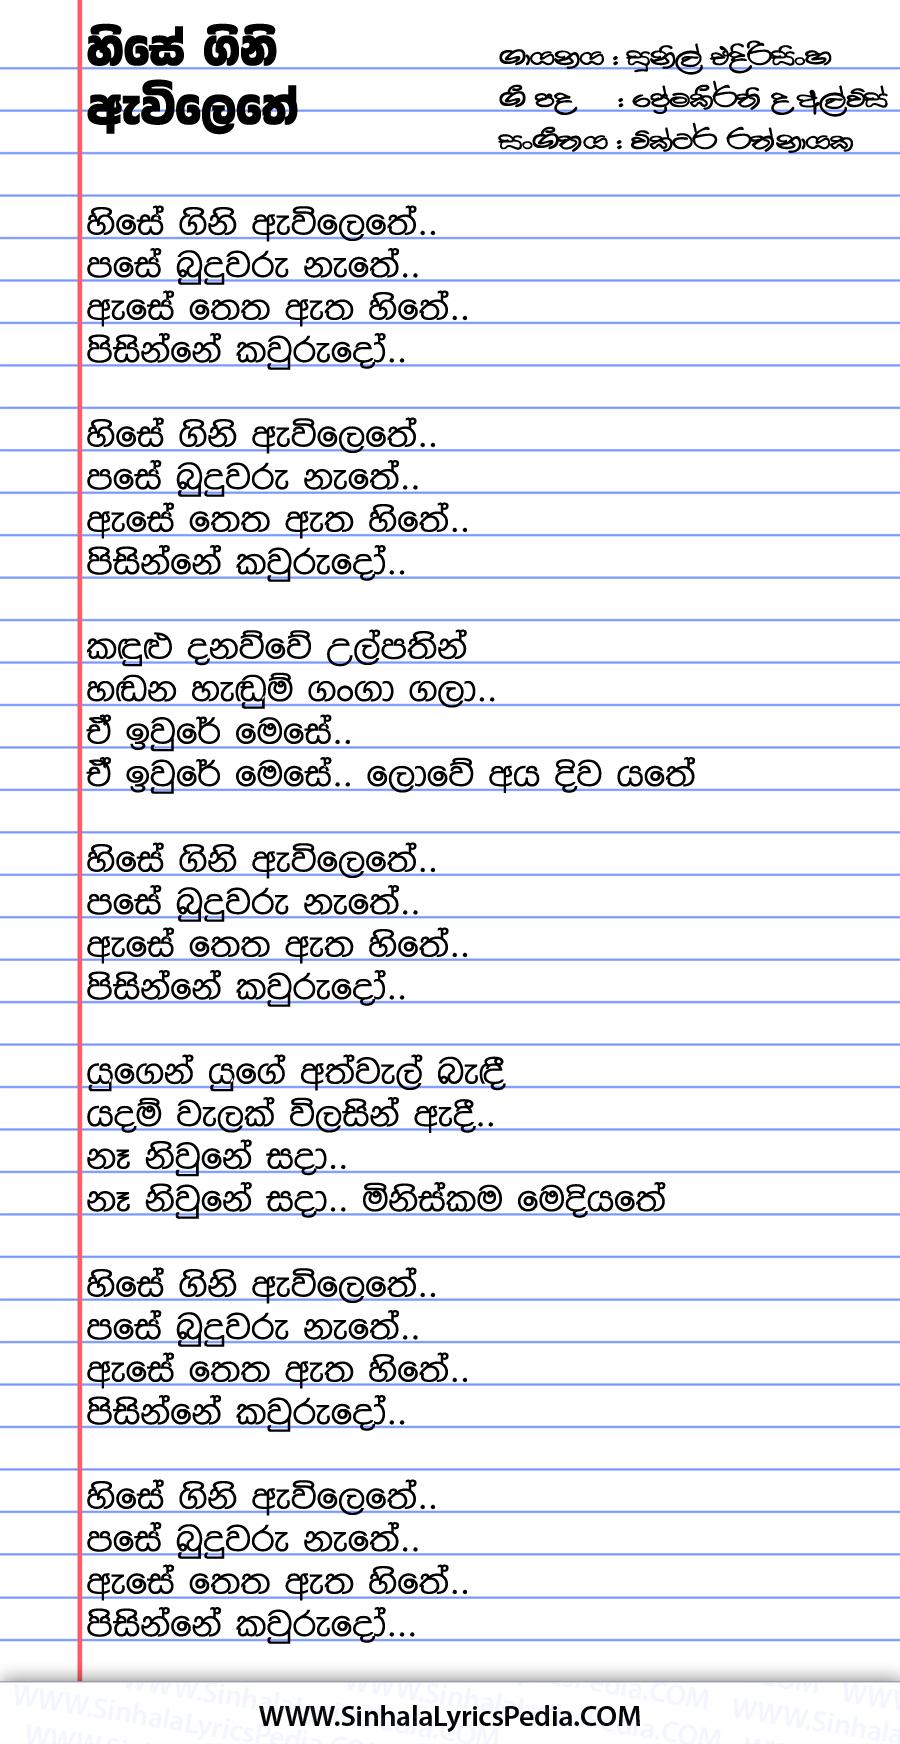 Hise Gini Avilethe Song Lyrics